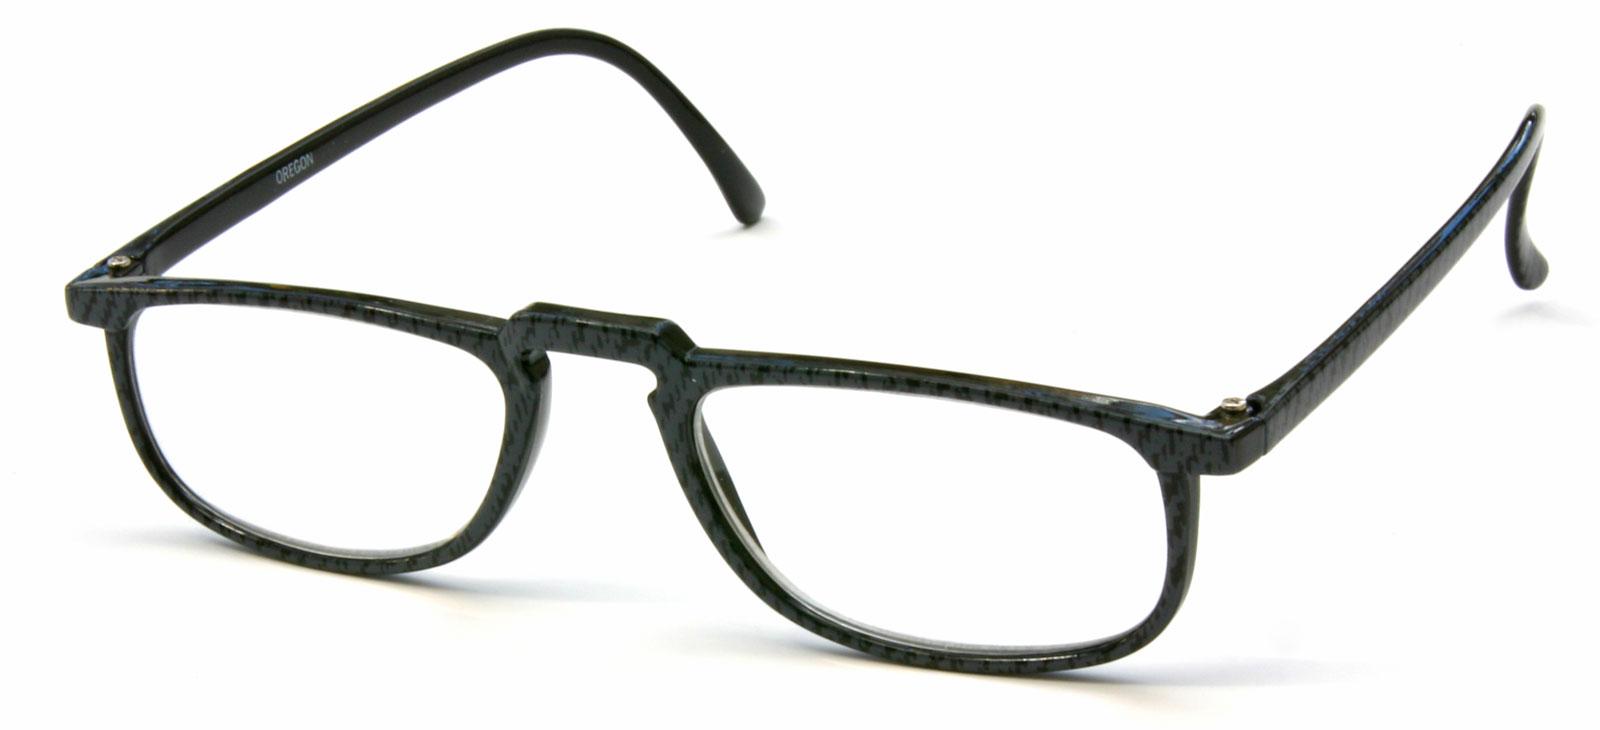 Купить очки гуглес недорого в тула купить mavik недорого в спб